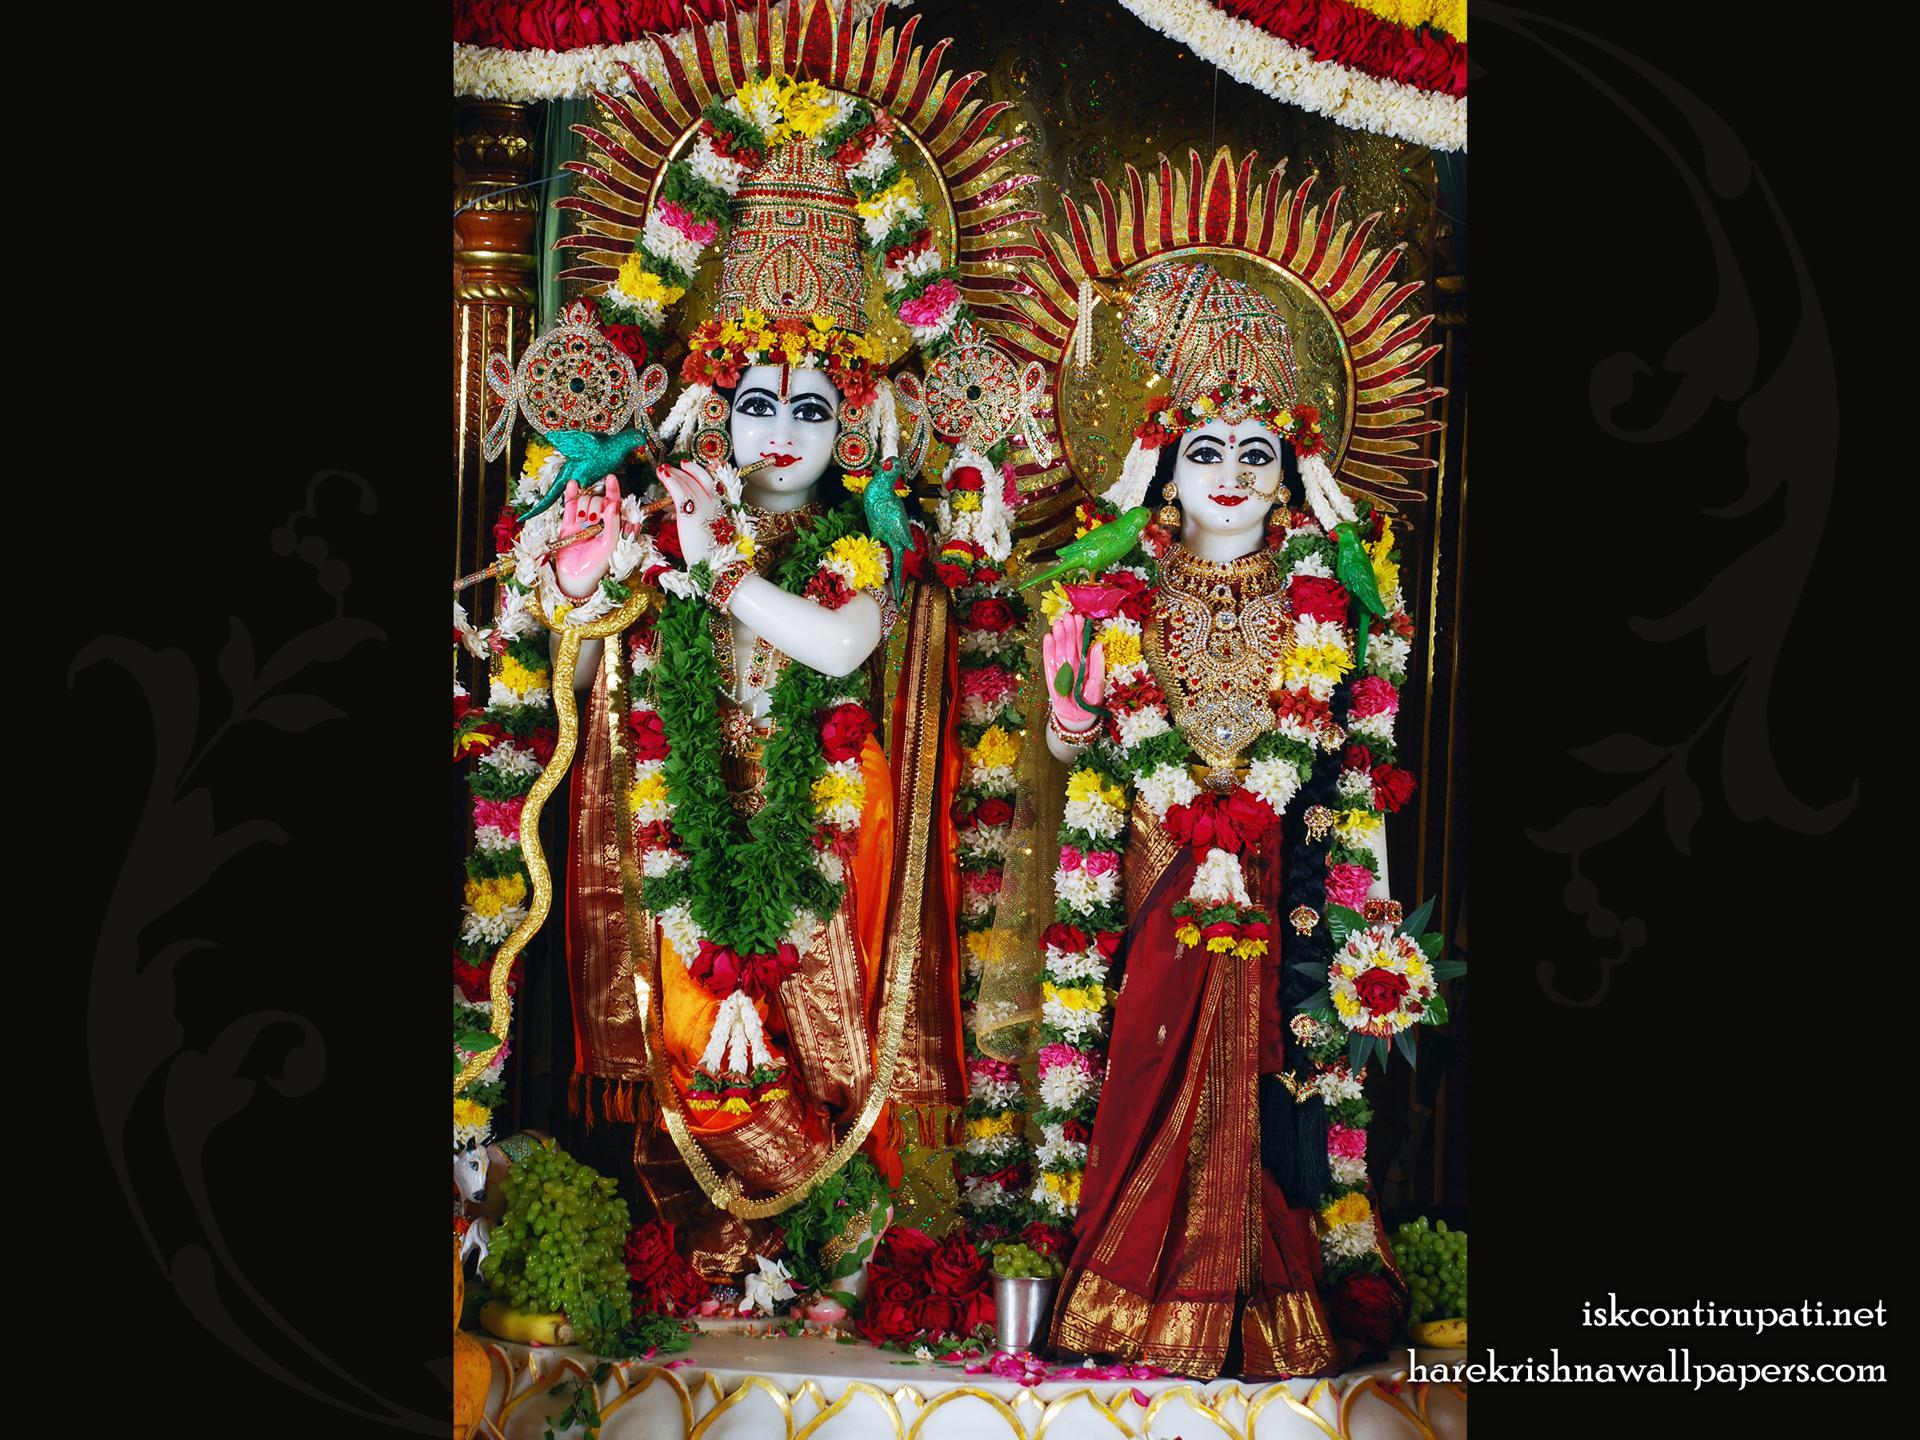 Sri Sri Radha Govinda Wallpaper (002) Size 1920x1440 Download